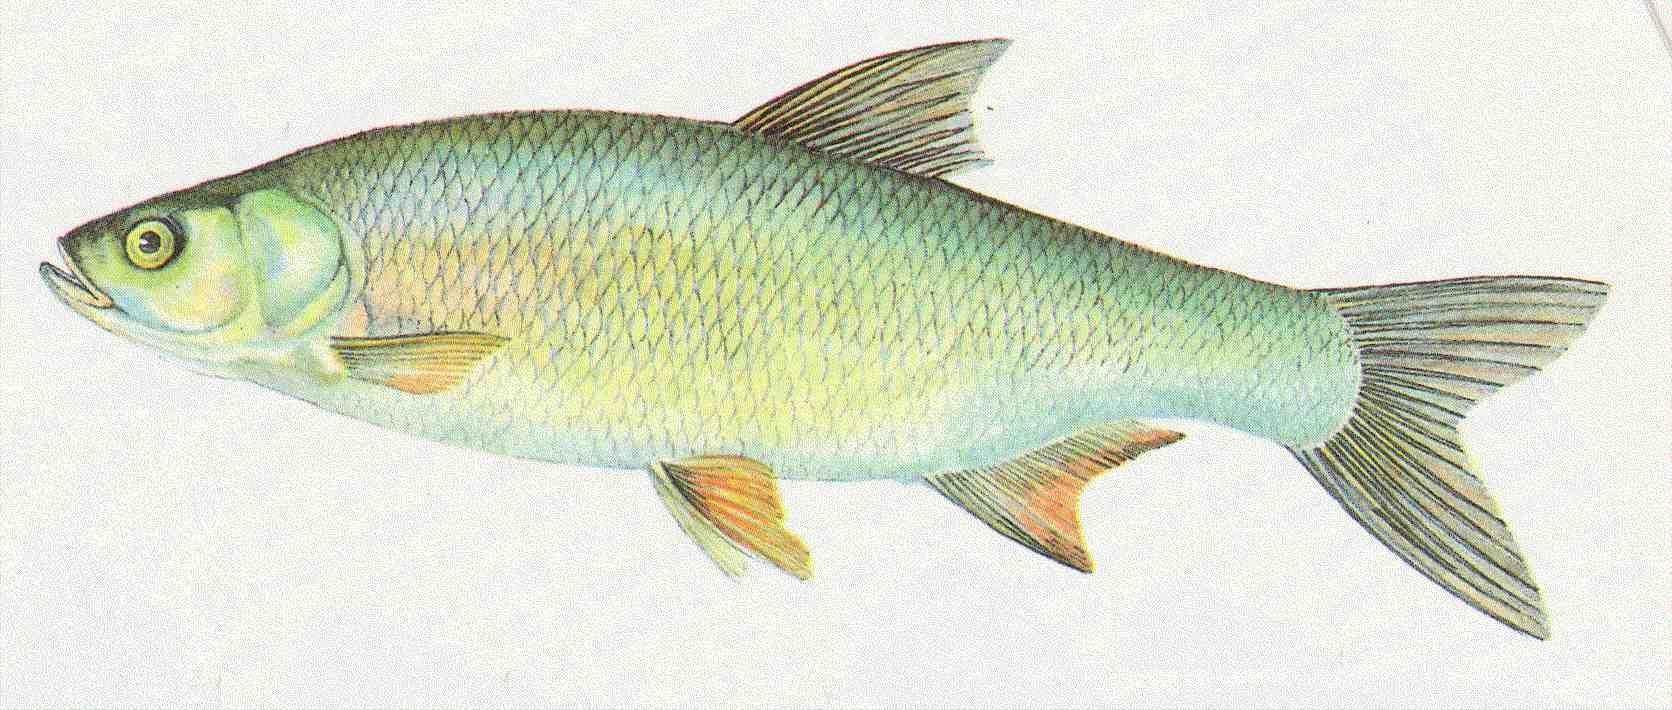 Bernhardsthal teich schied for Fische algenfresser teich